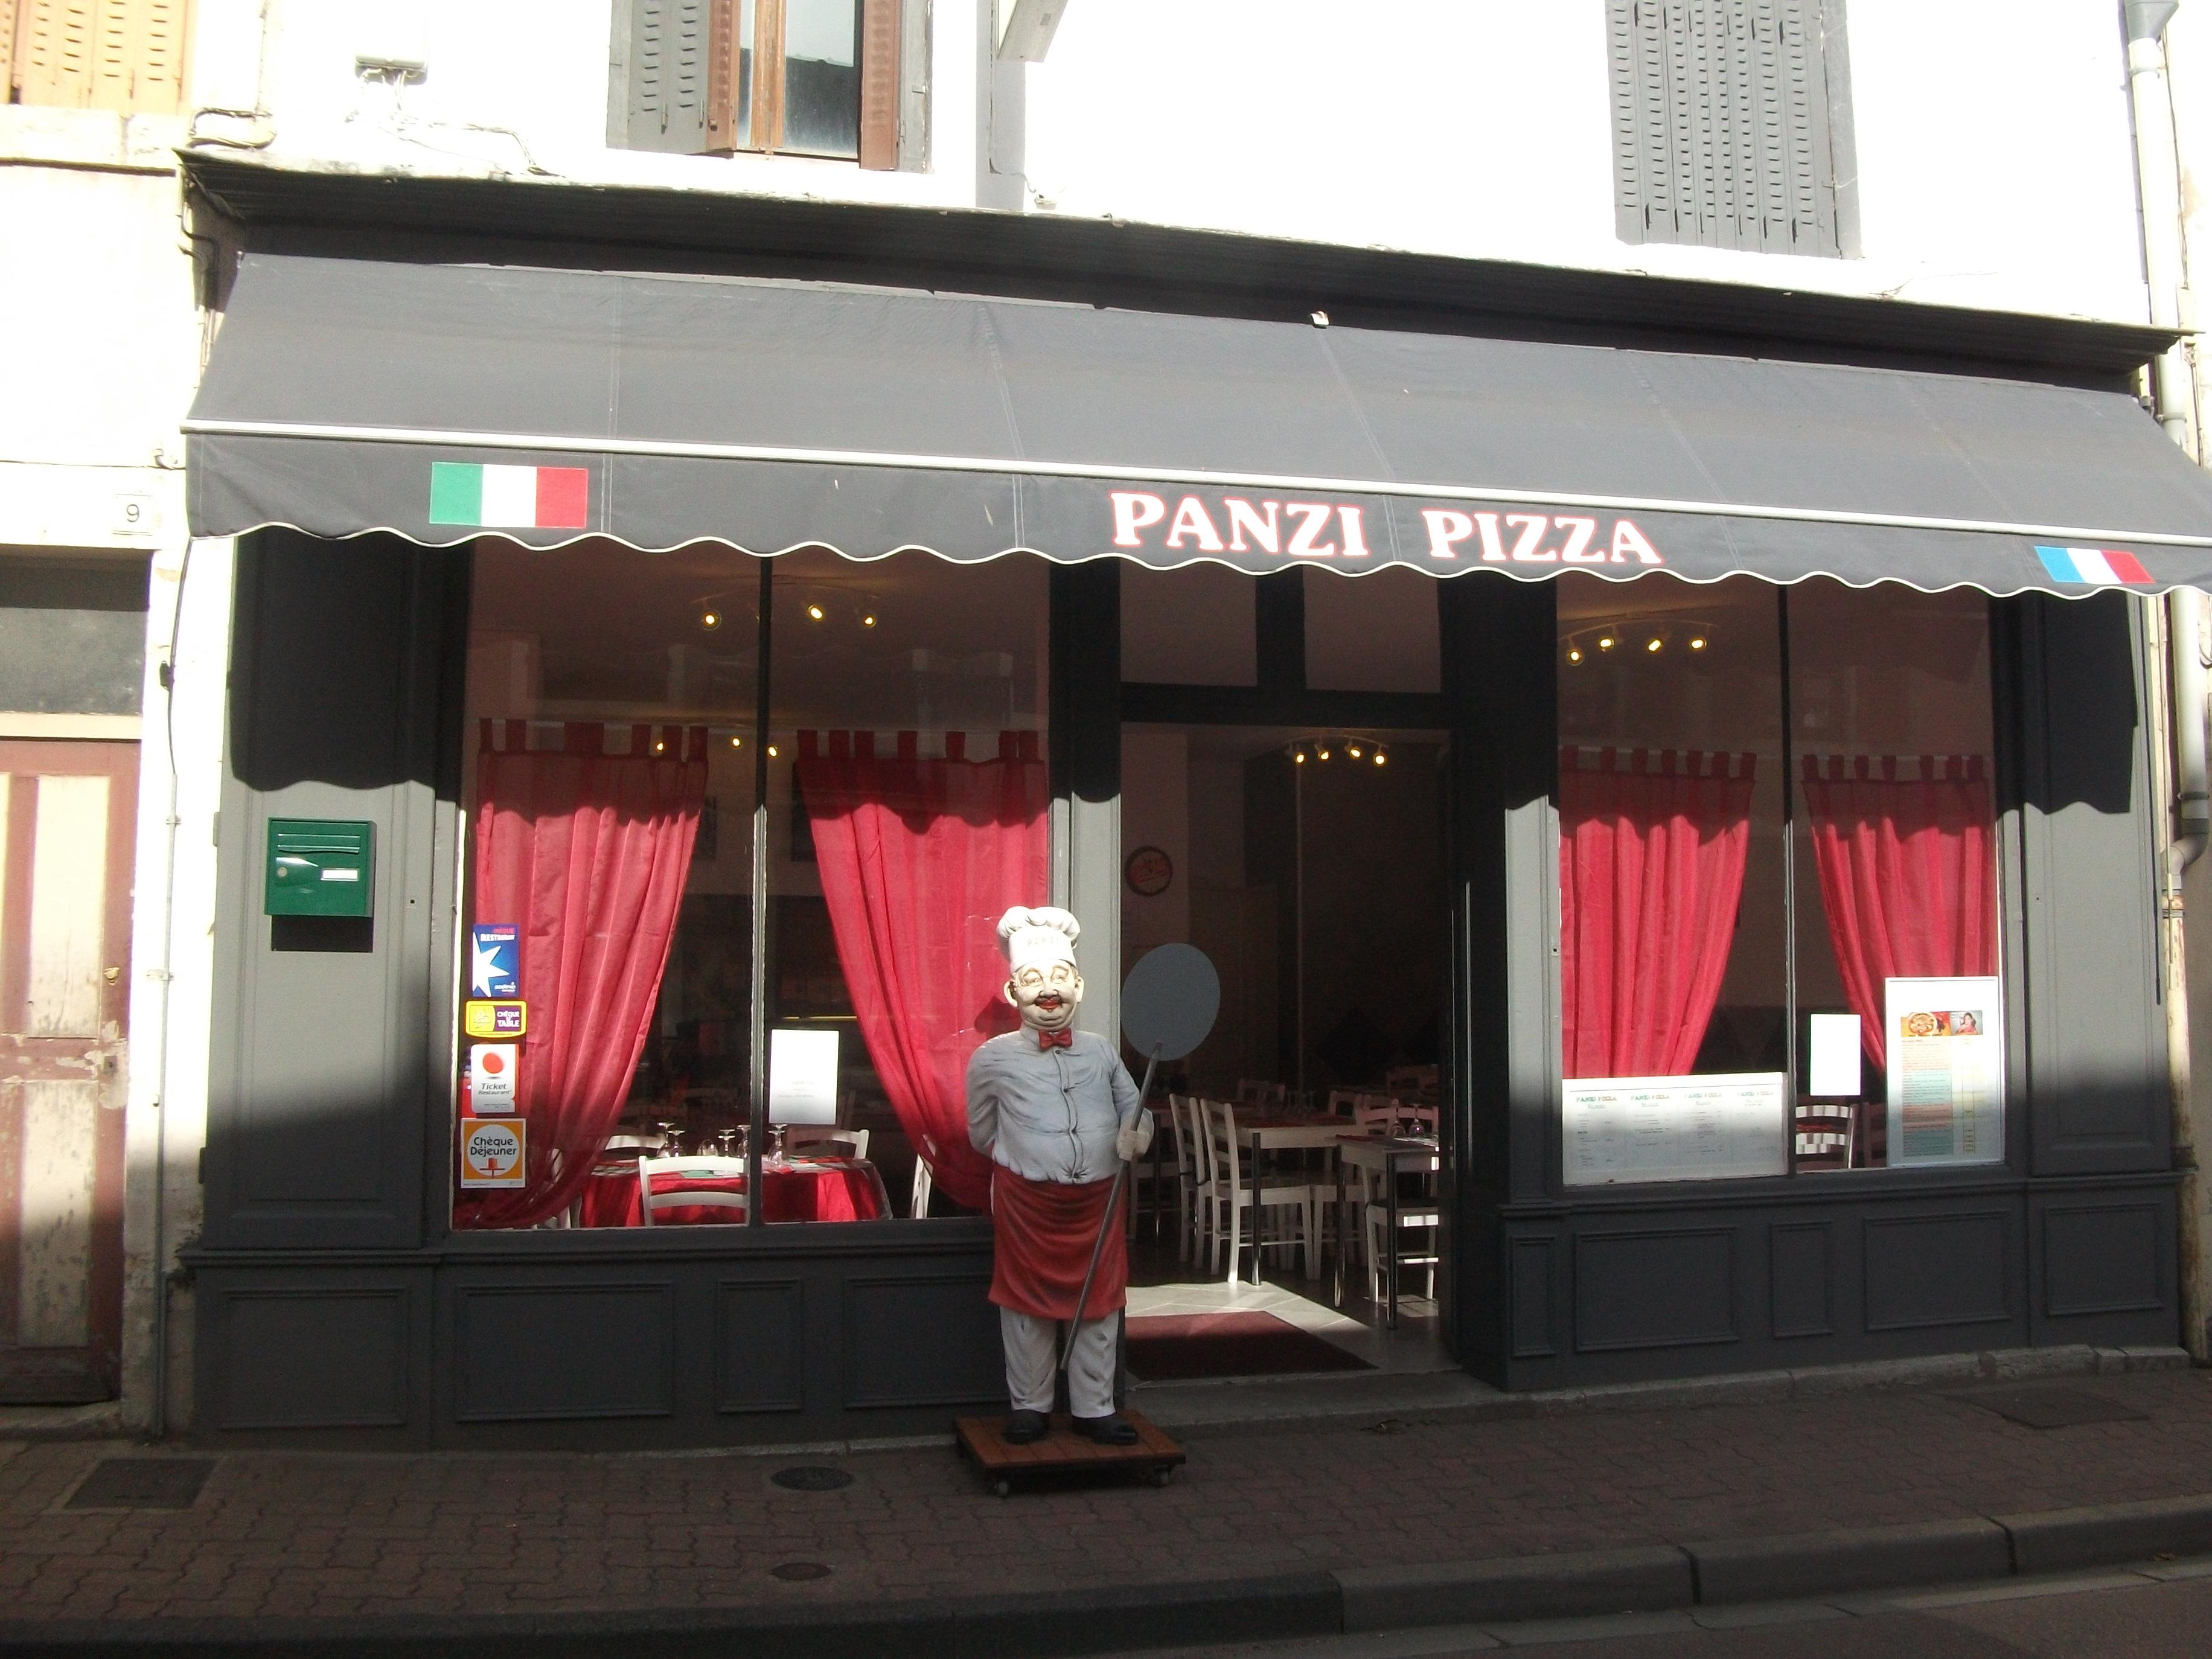 Panzi Pizza